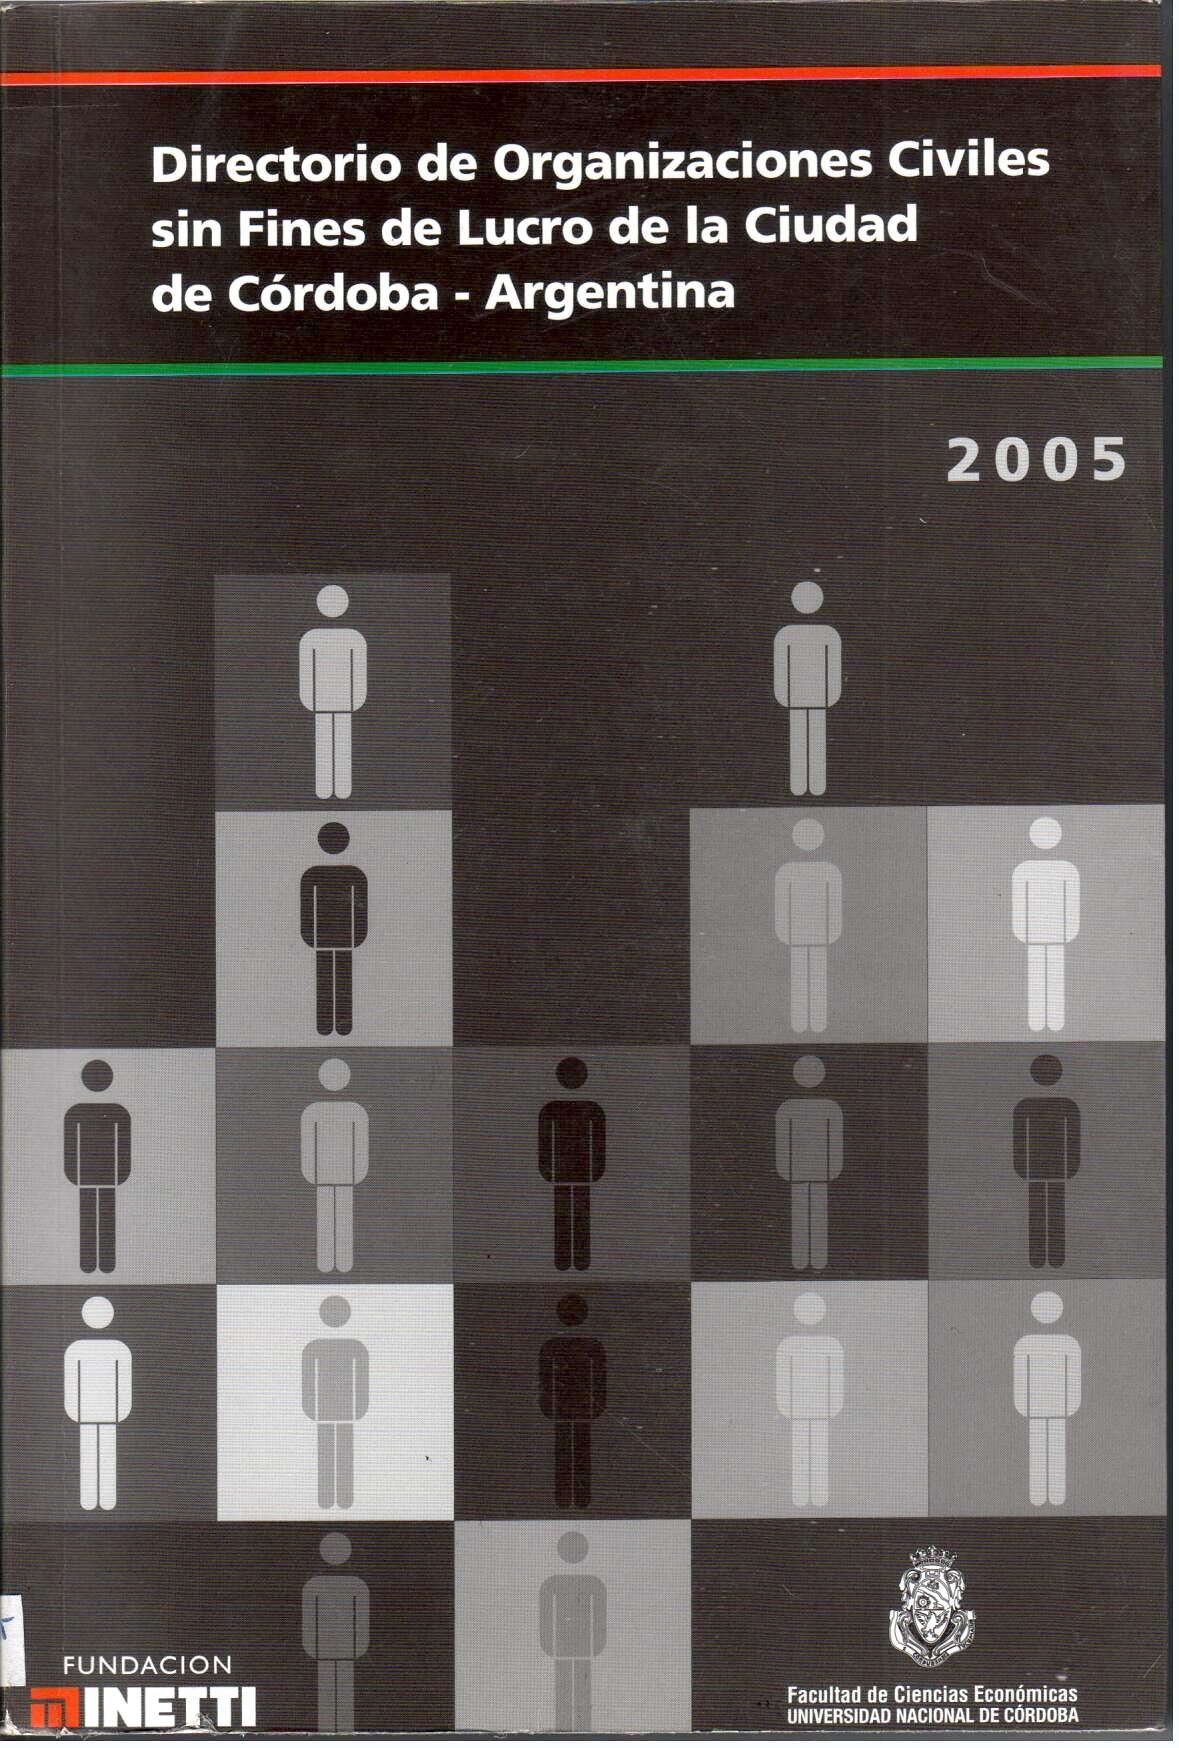 Directorio de Organizaciones Civiles sin Fines de Lucro de la Ciudad de Córdoba-Argentina